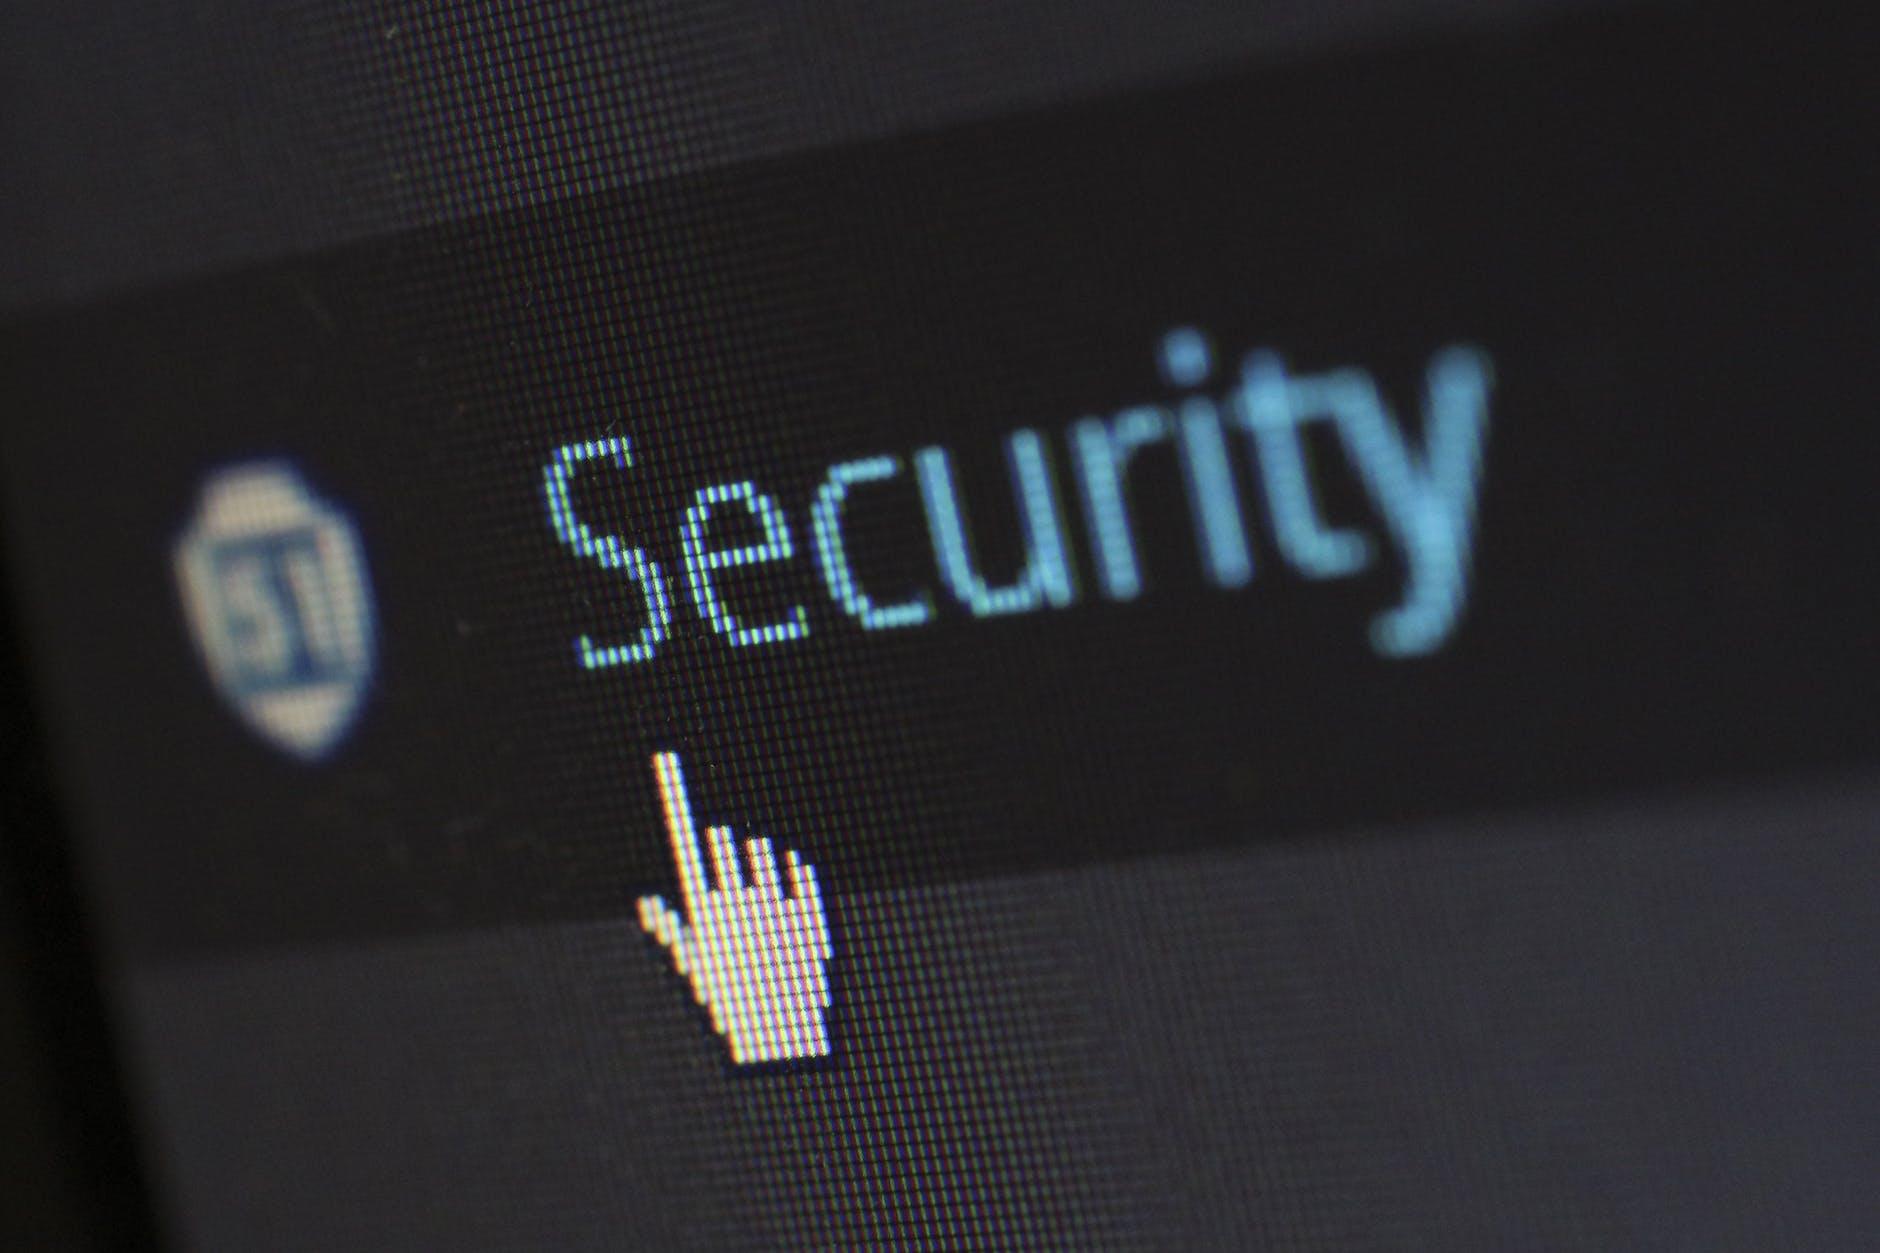 Online fraude stijgt met 6%